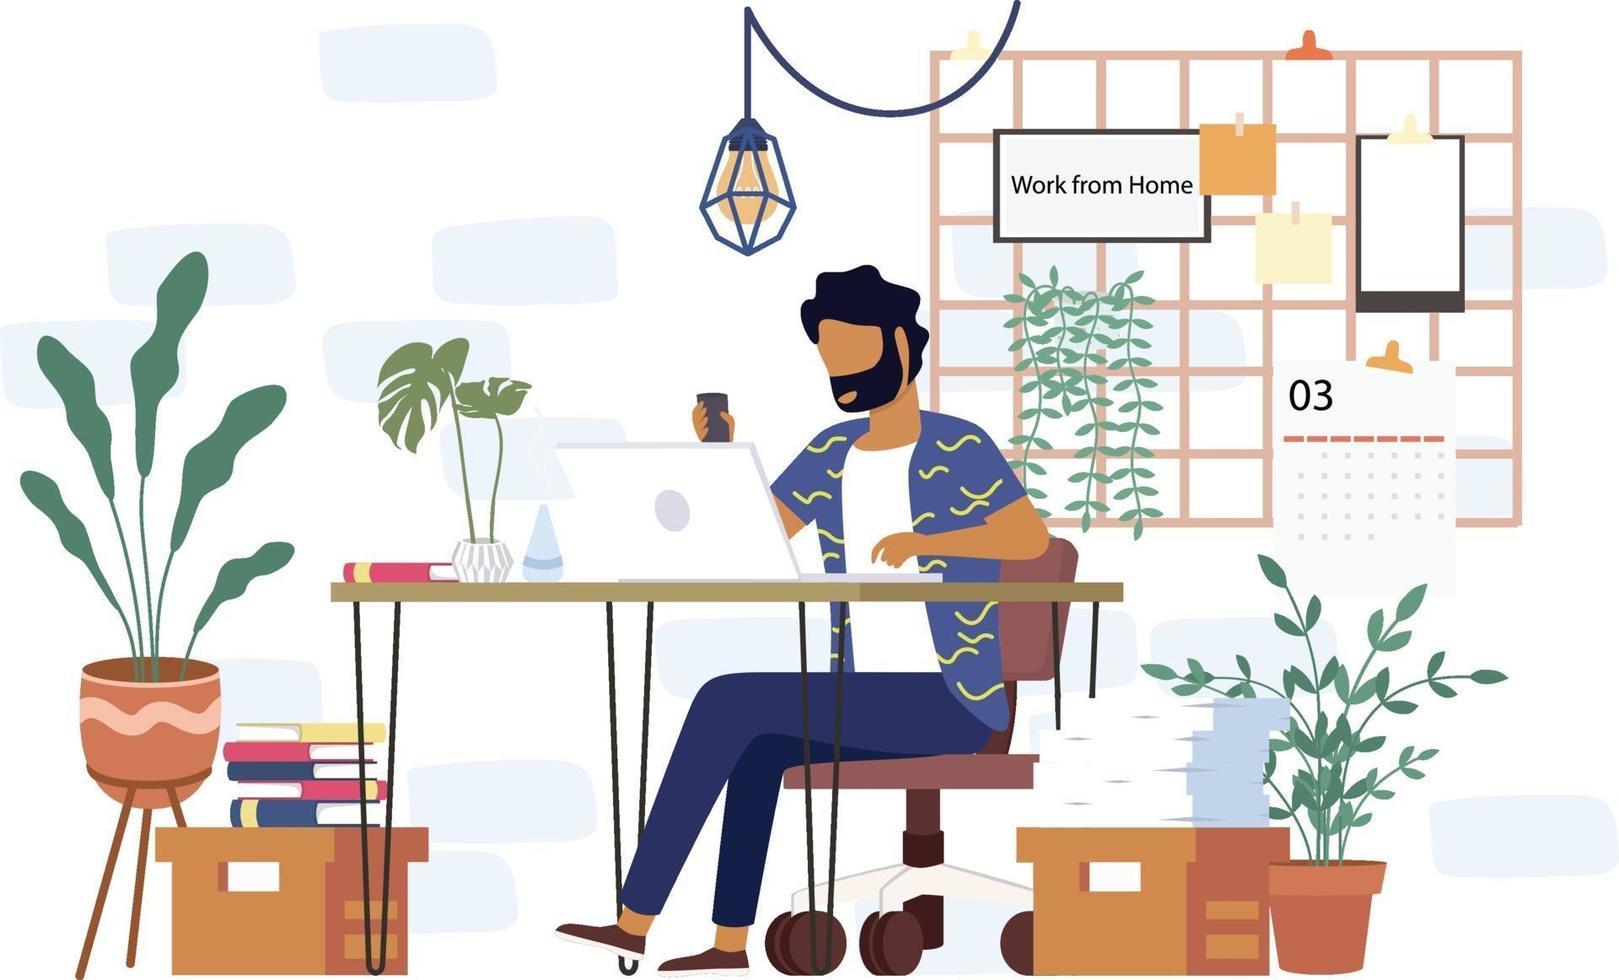 um estudante universitário estuda em casa por meio de um laptop online em design de vetor mínimo. trabalho de estudo de videoconferência online em casa devido ao surto de covid19